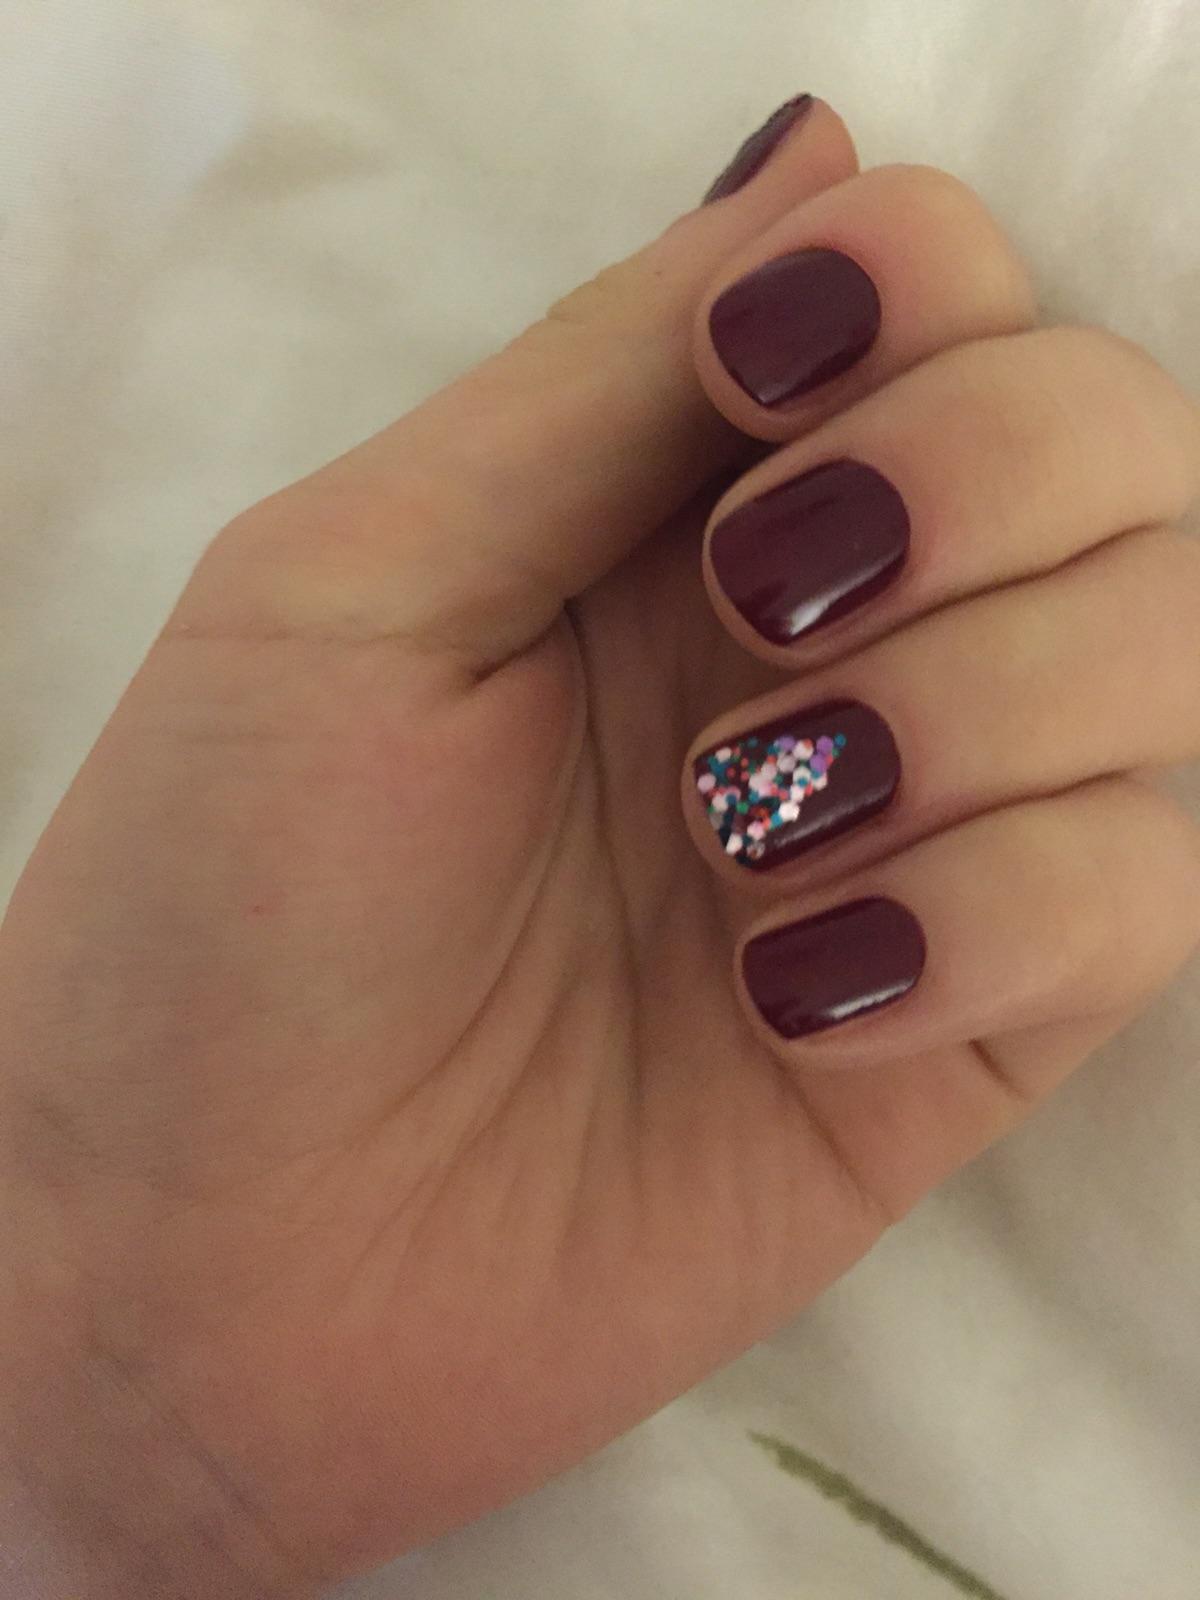 Gepflegte Nägel, nicht nur zur Weihnachtszeit… - FSFM Styling Blog ...